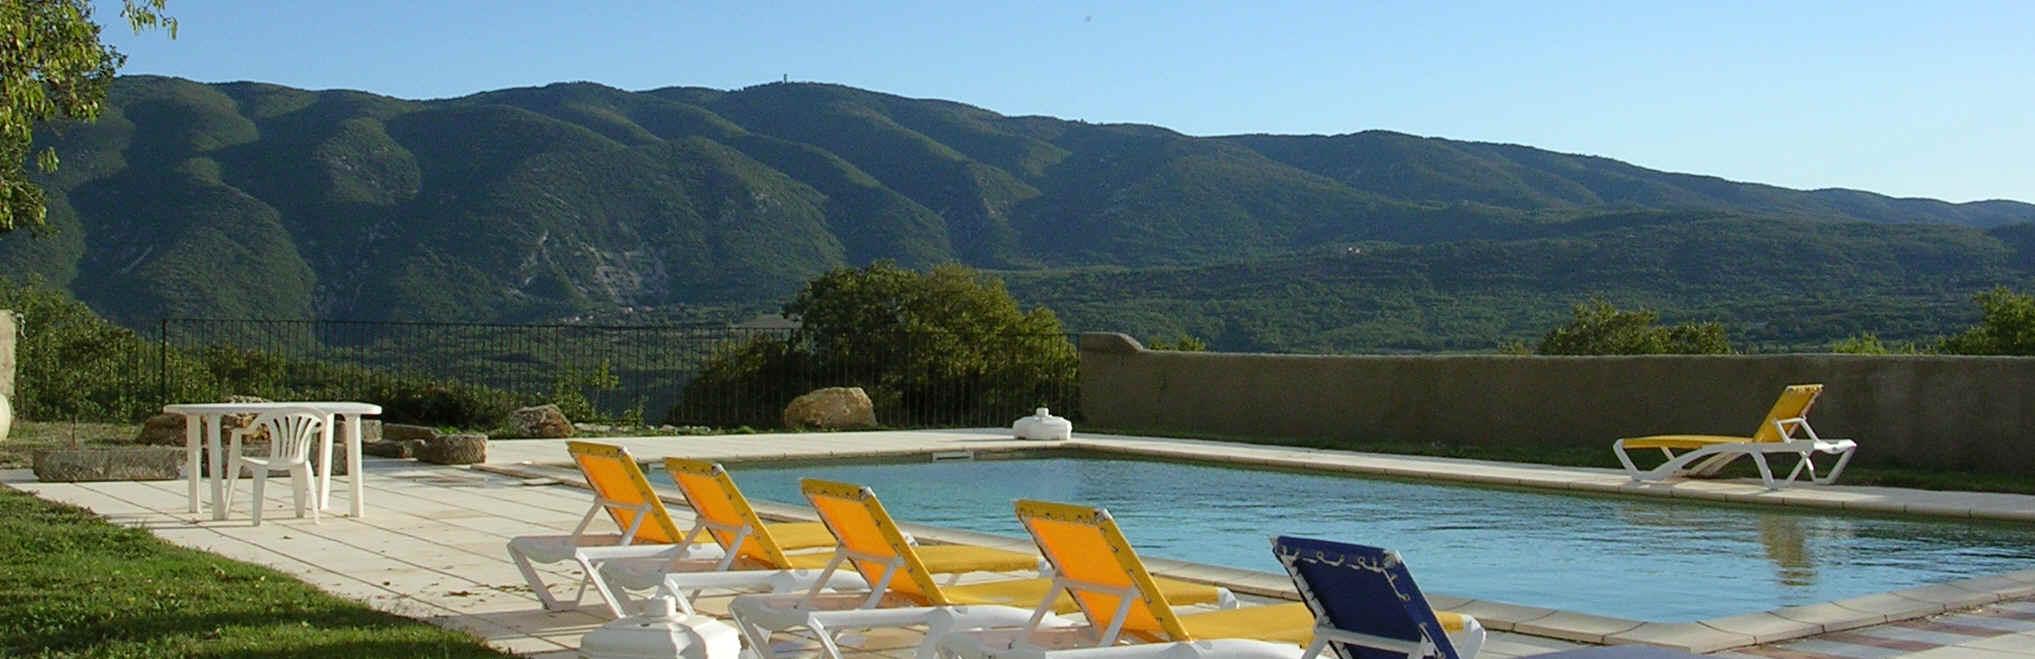 Ferme Équestre En Provence, Luberon : Location Gîtes ... à Camping A La Ferme Avec Piscine